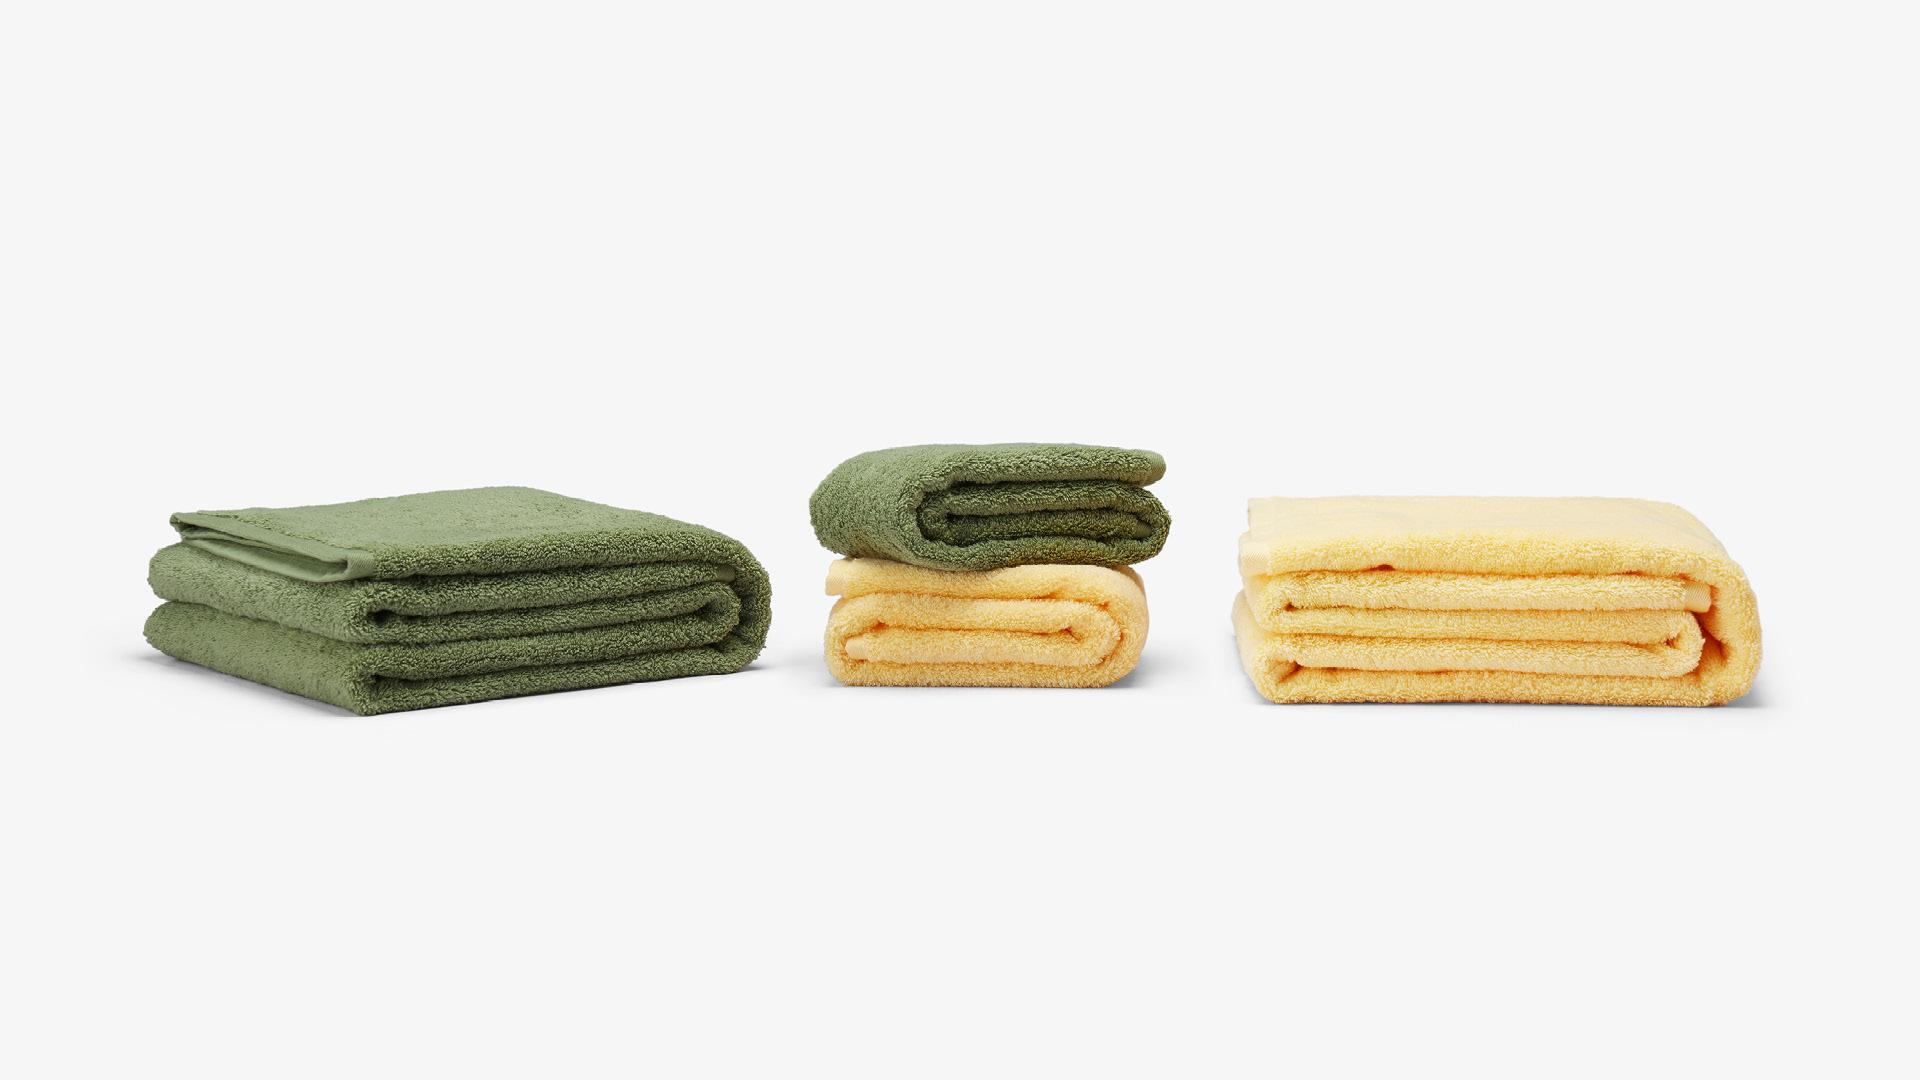 一套全棉基本款毛巾,如早安一般每日陪伴